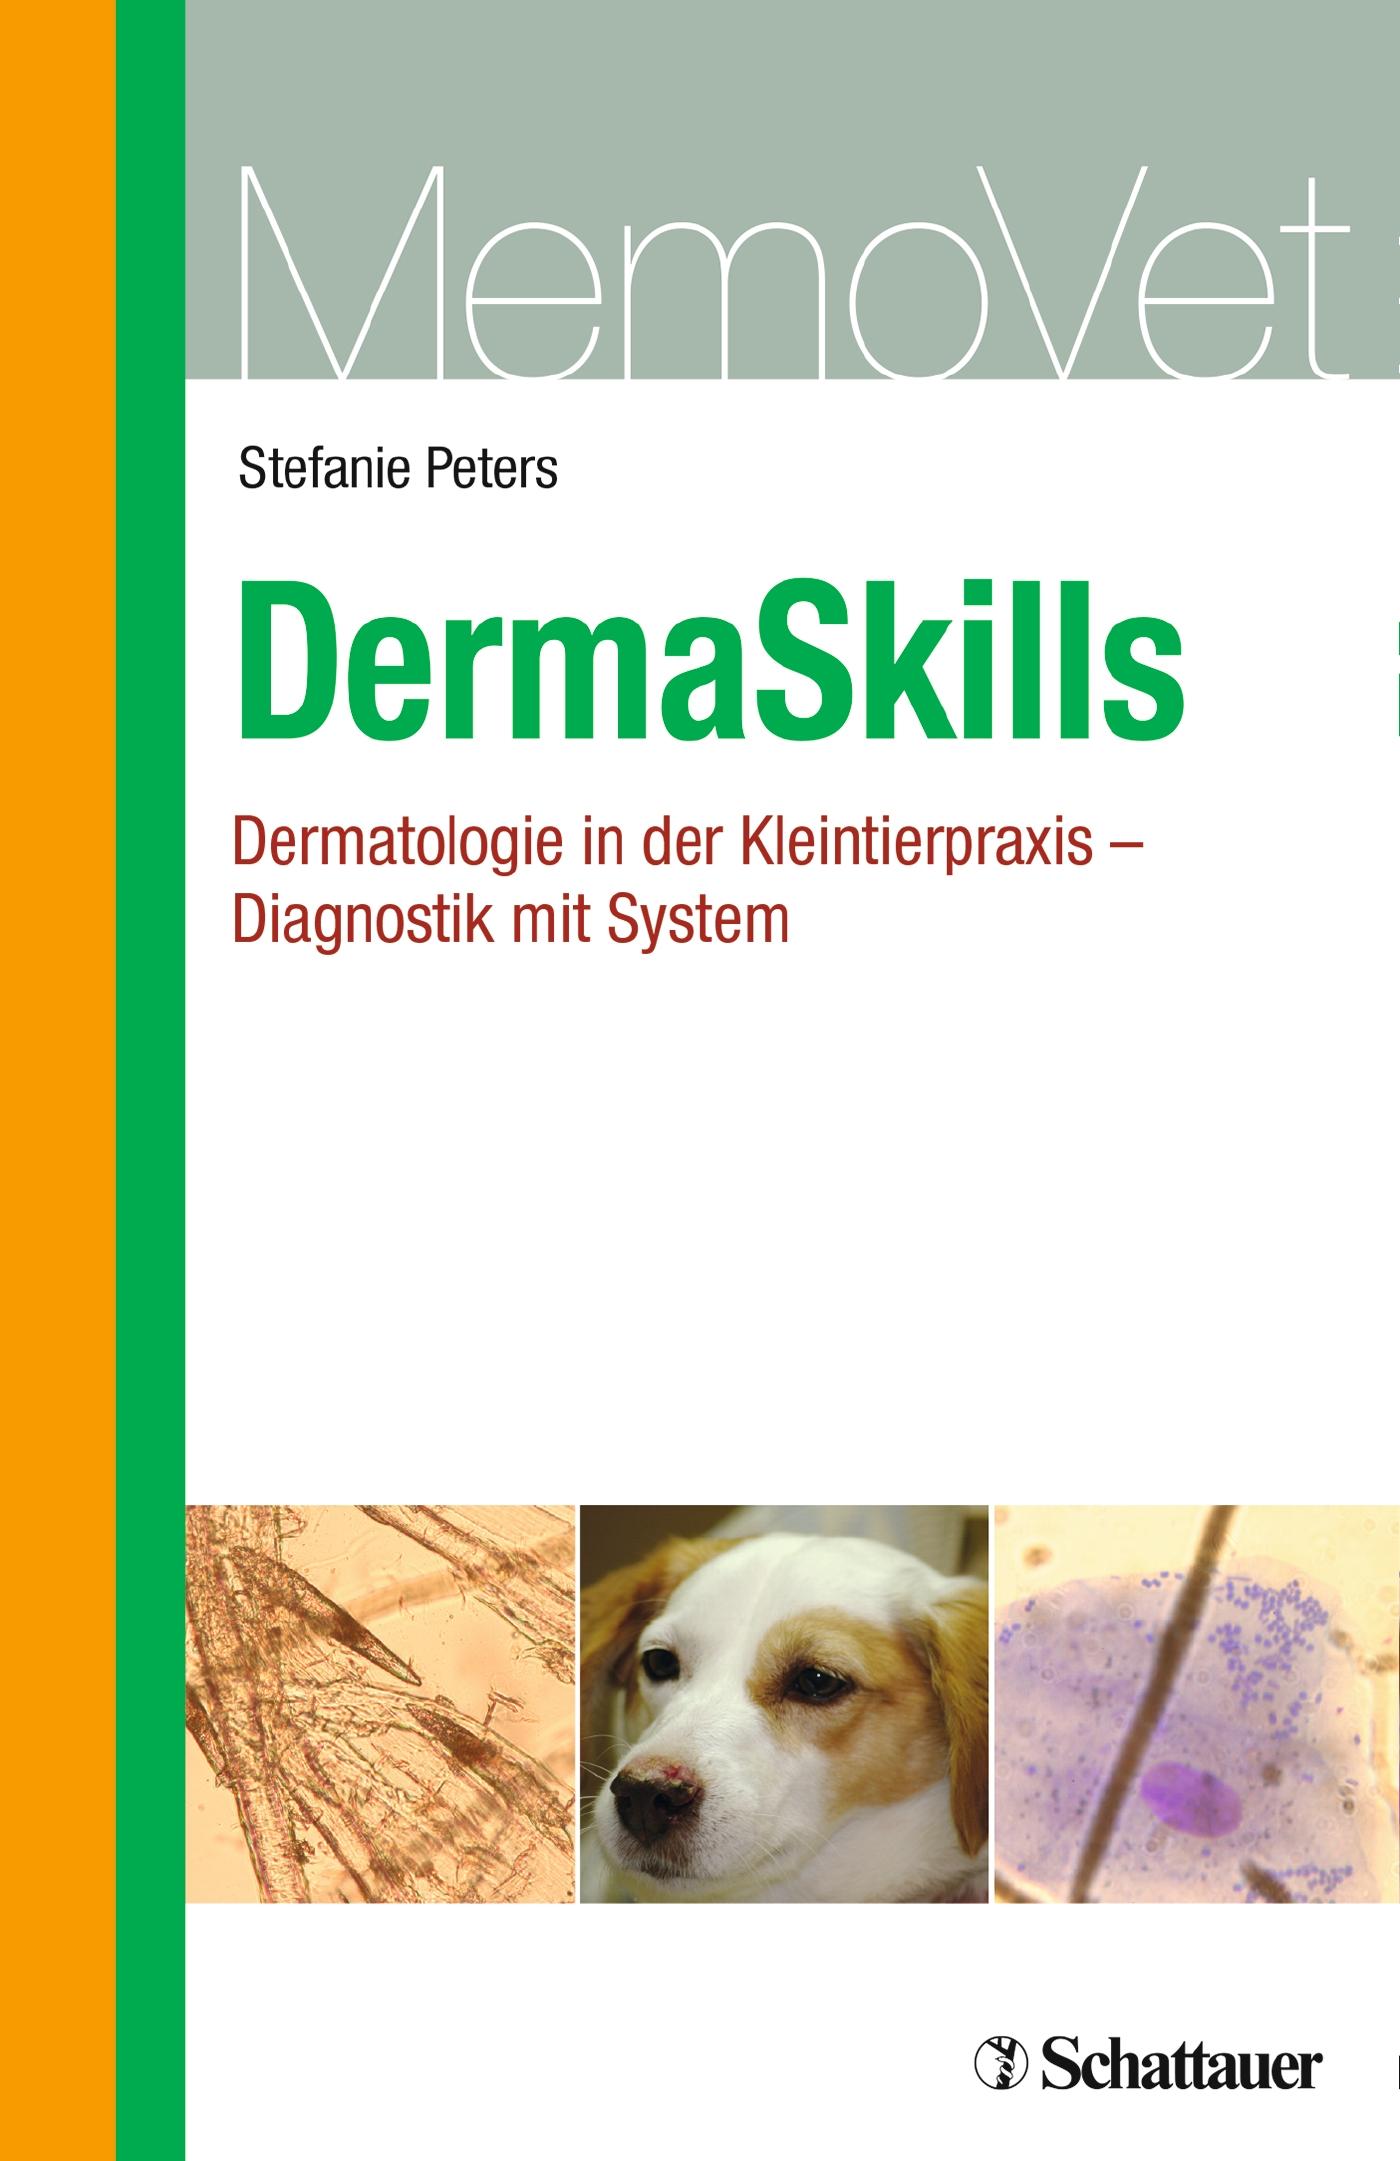 DermaSkills